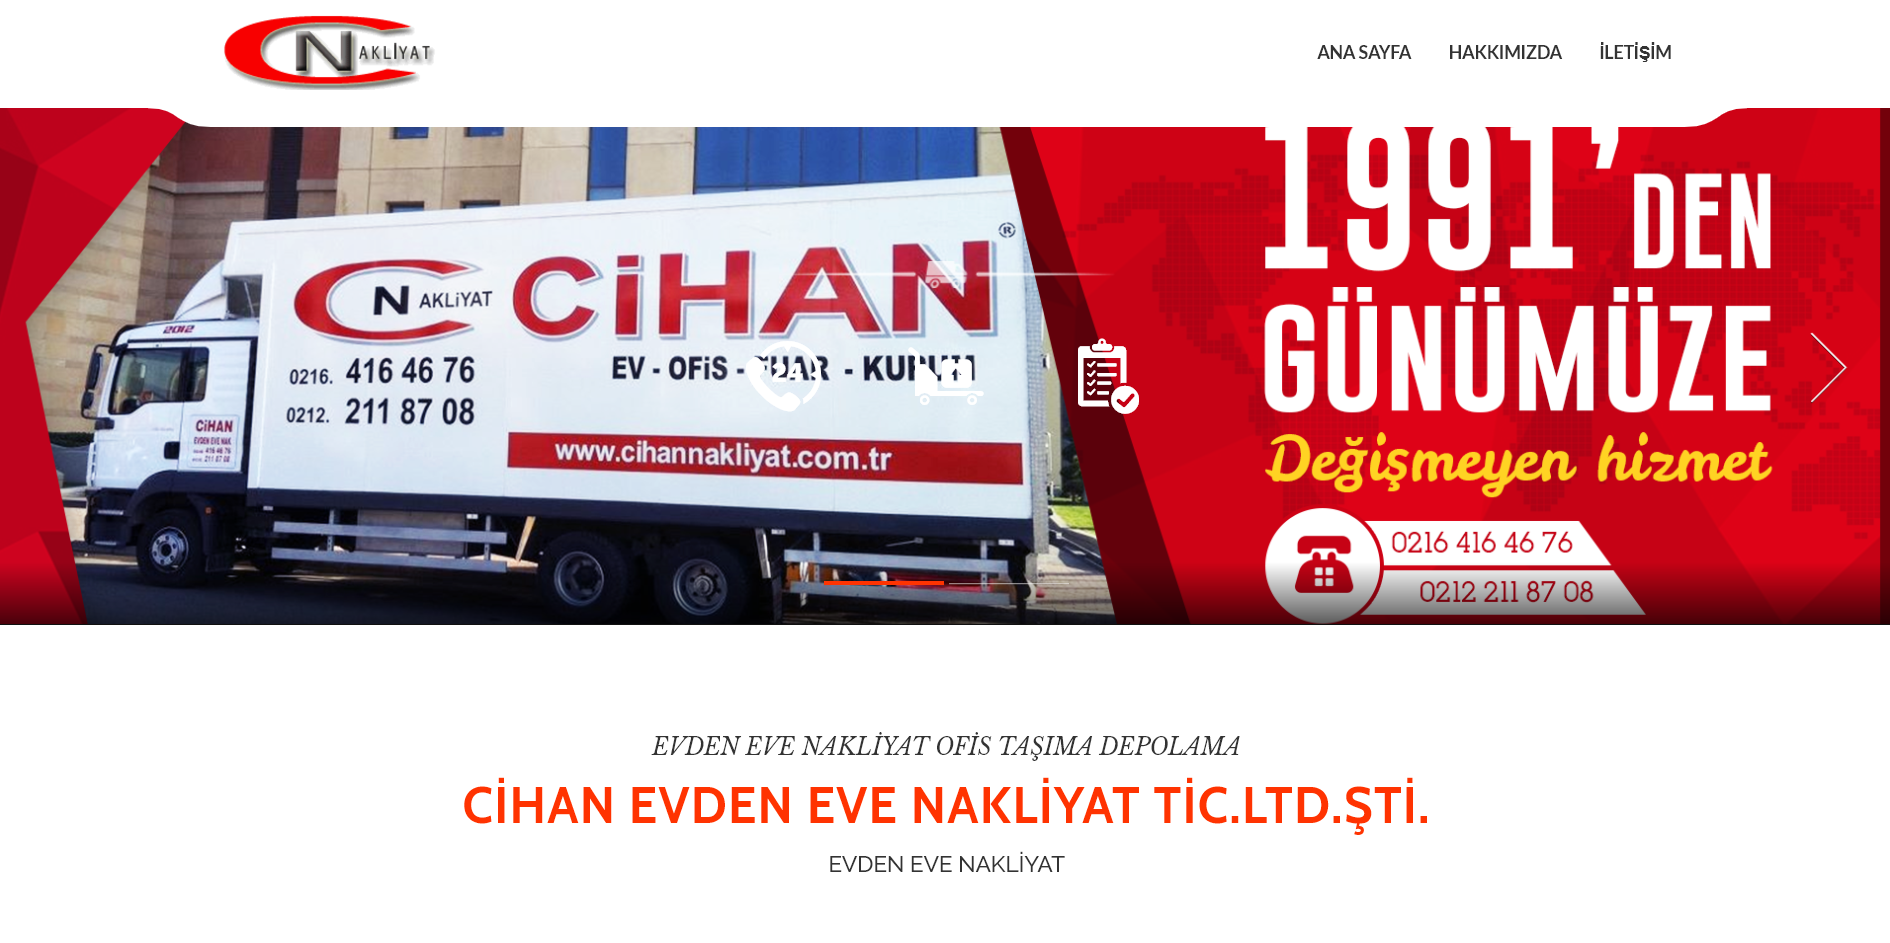 Cihan-Evden-Eve